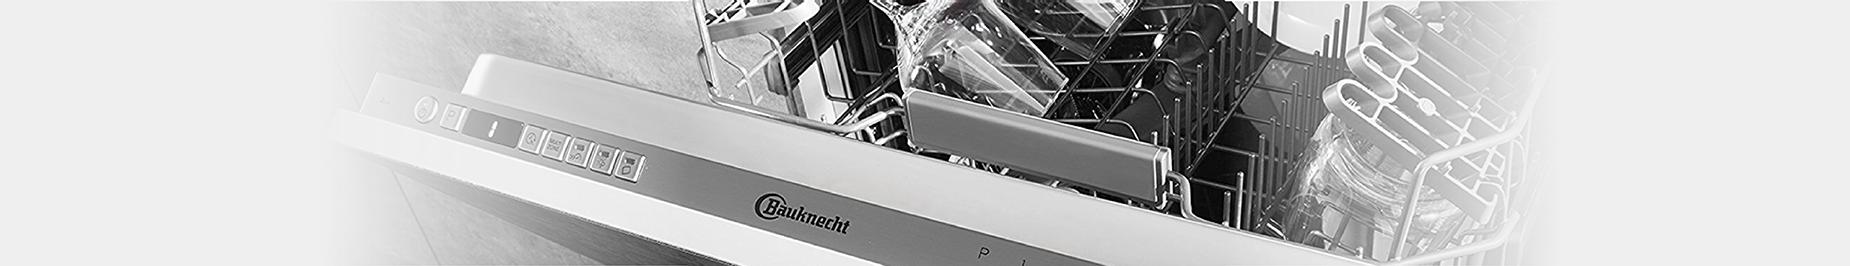 Vollintegrierte Spülmaschine Test Übersicht und Vergleich